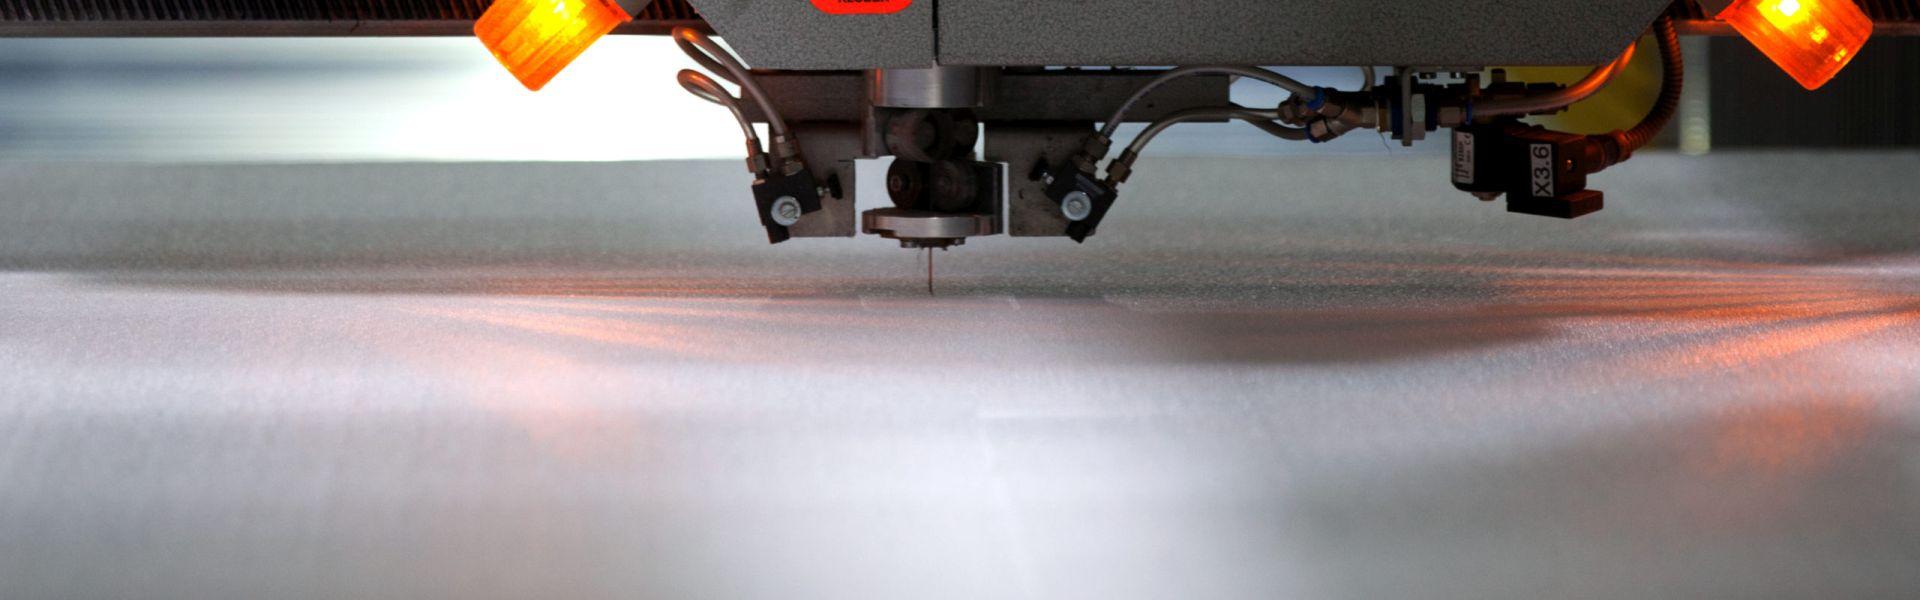 Wycinanie CNC